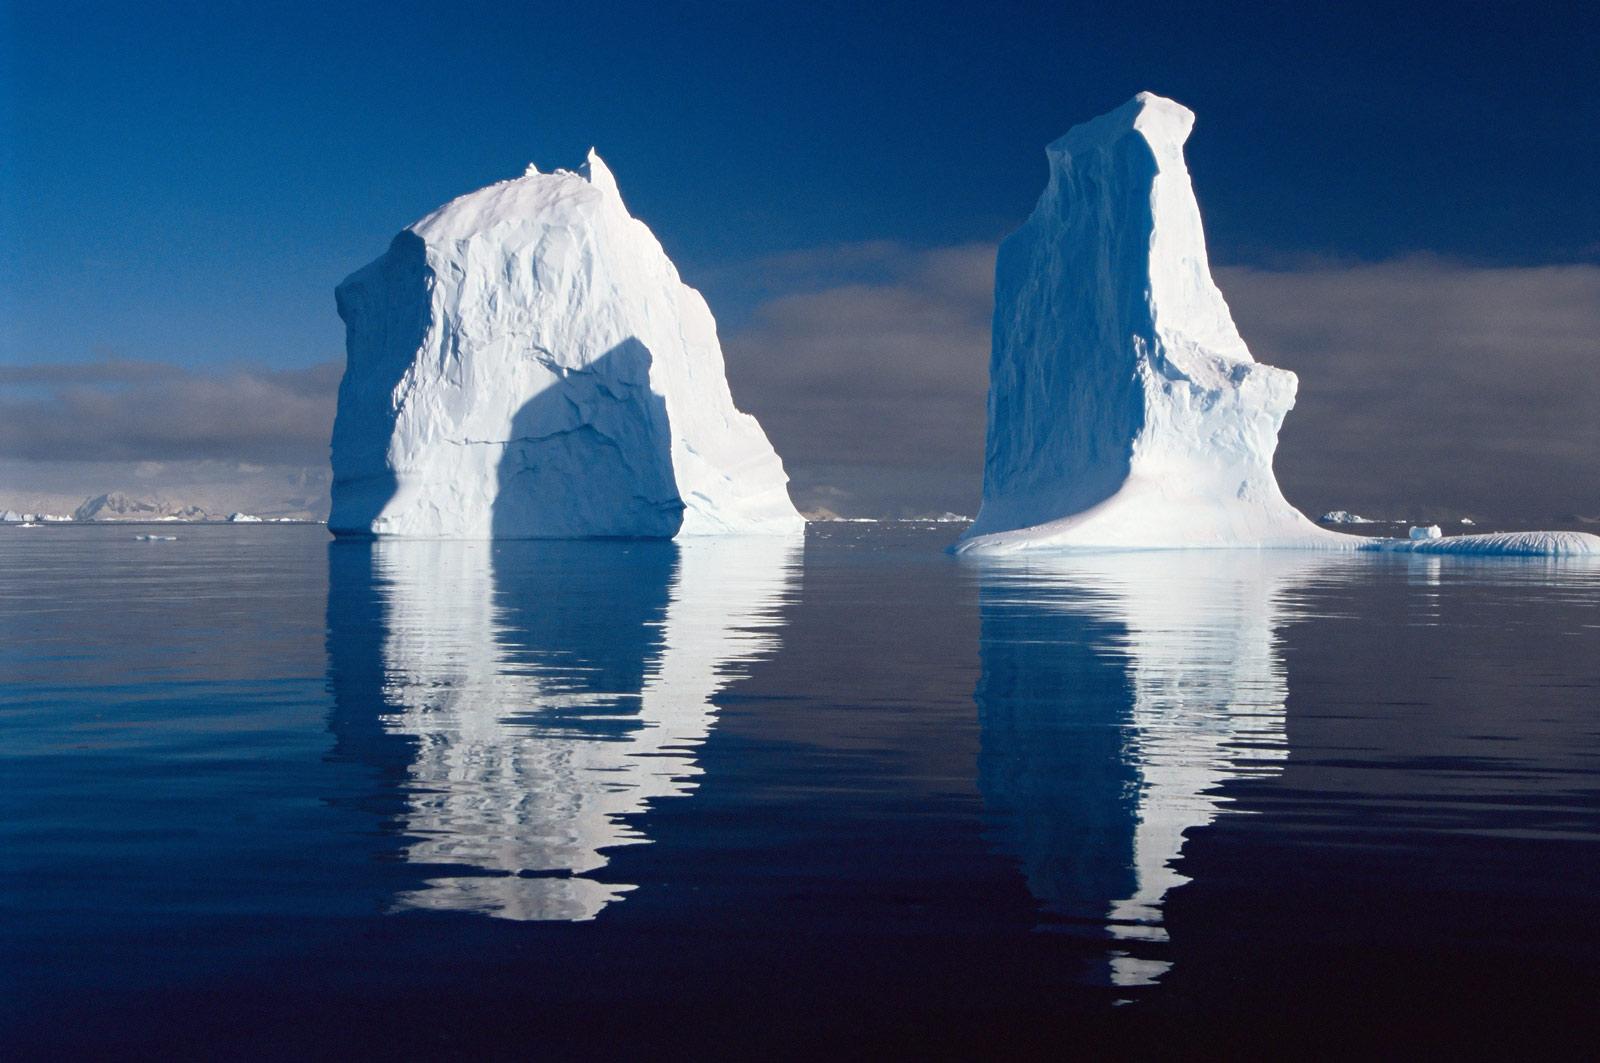 Reflection of icebergs - copyright Doug Allan